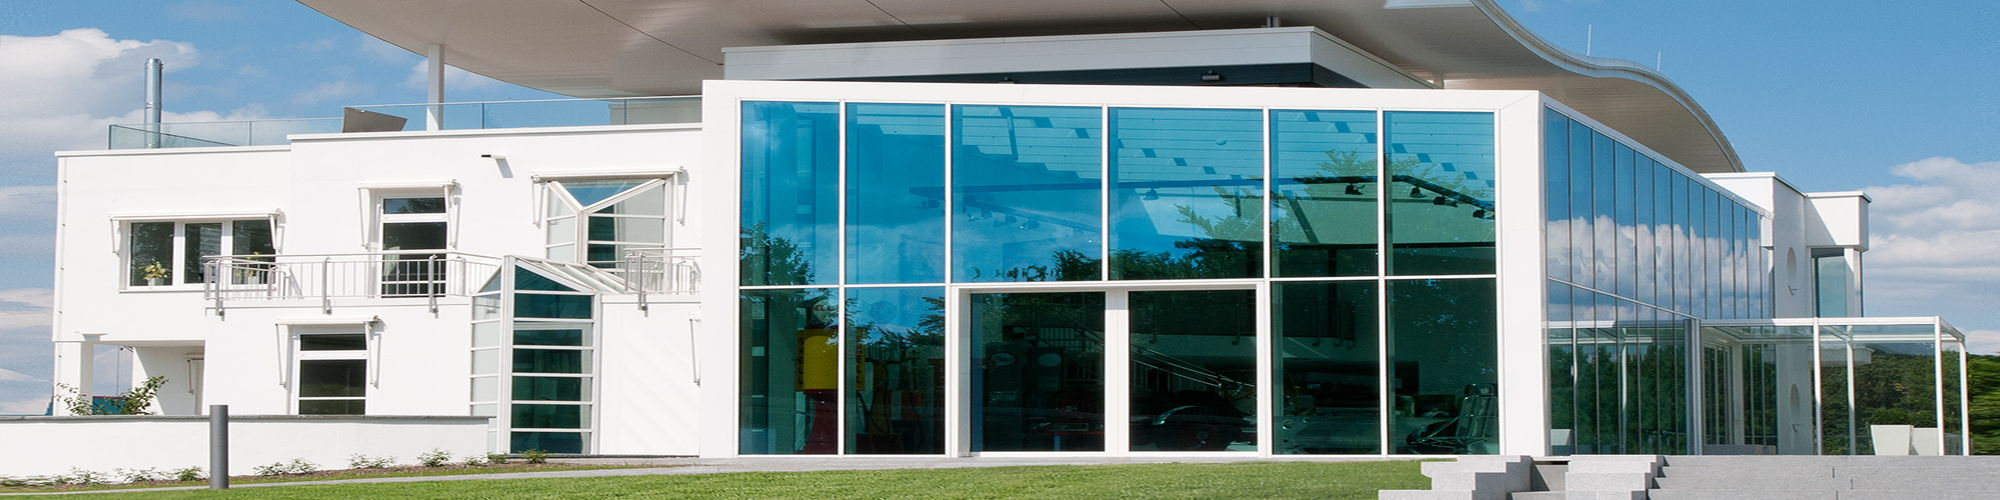 ACTIV-Immobilien GmbH & Co. KG